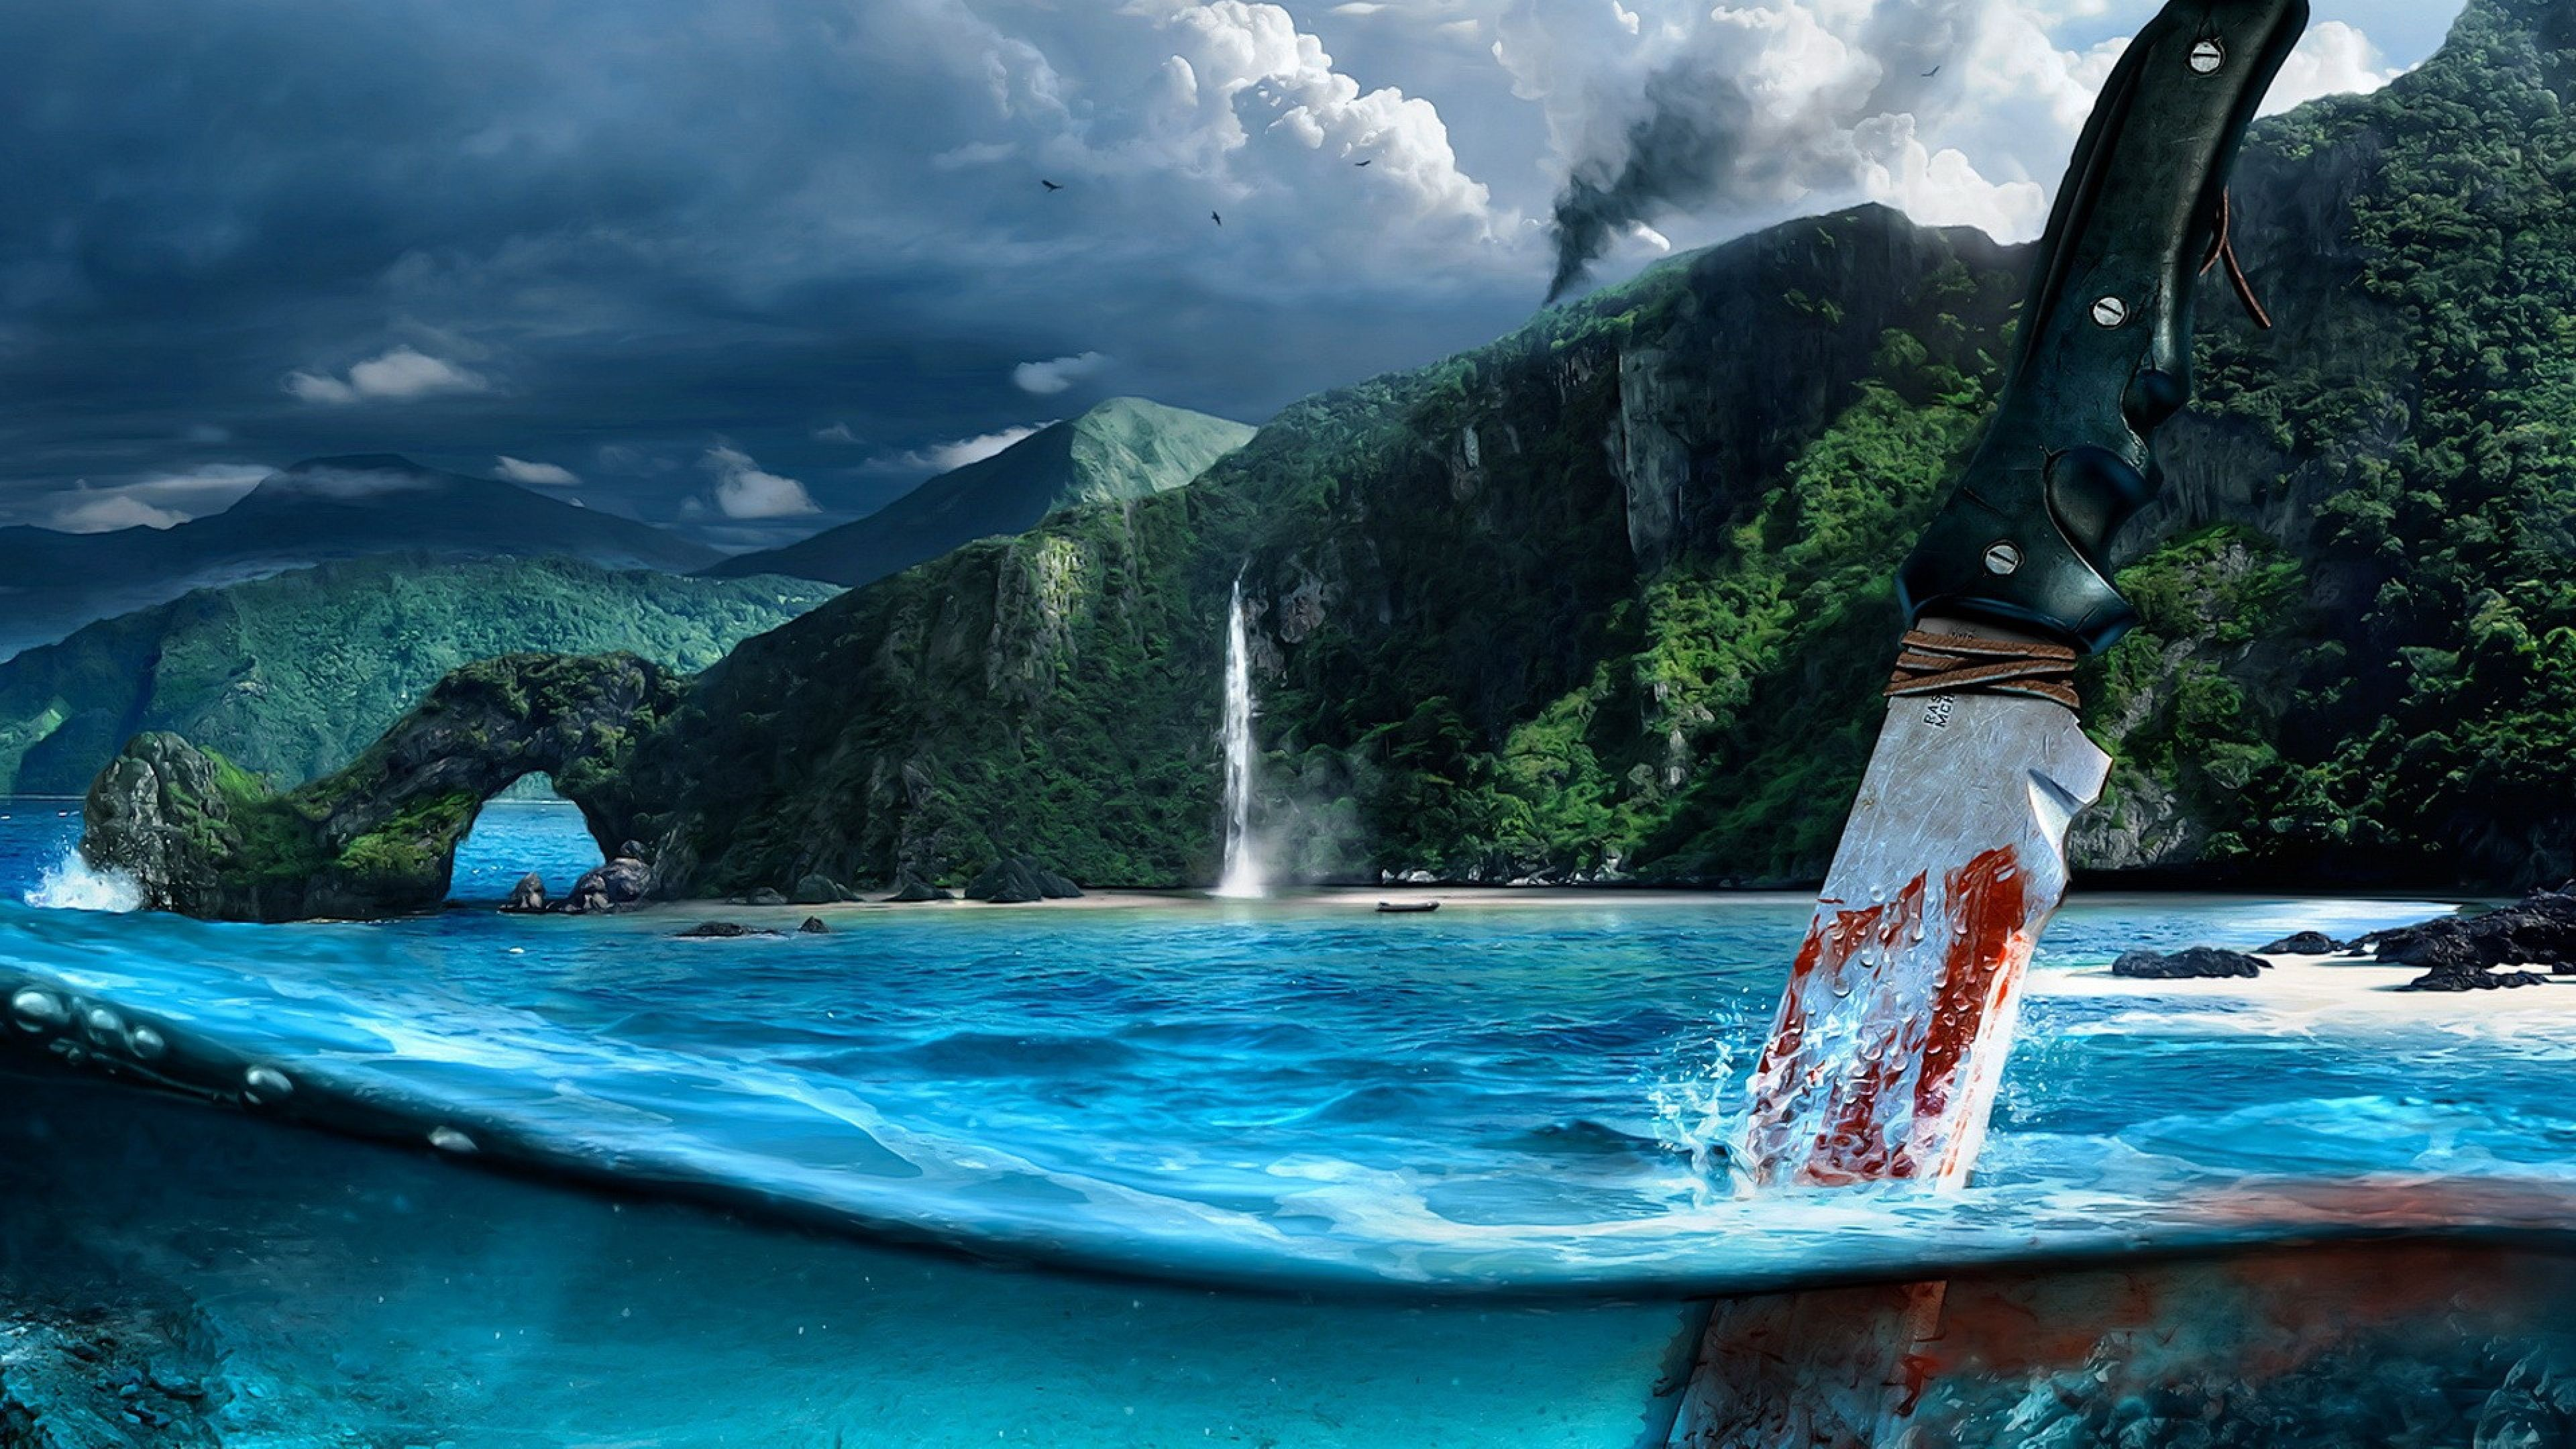 Imgur Far cry 3, Widescreen wallpaper, Backgrounds desktop